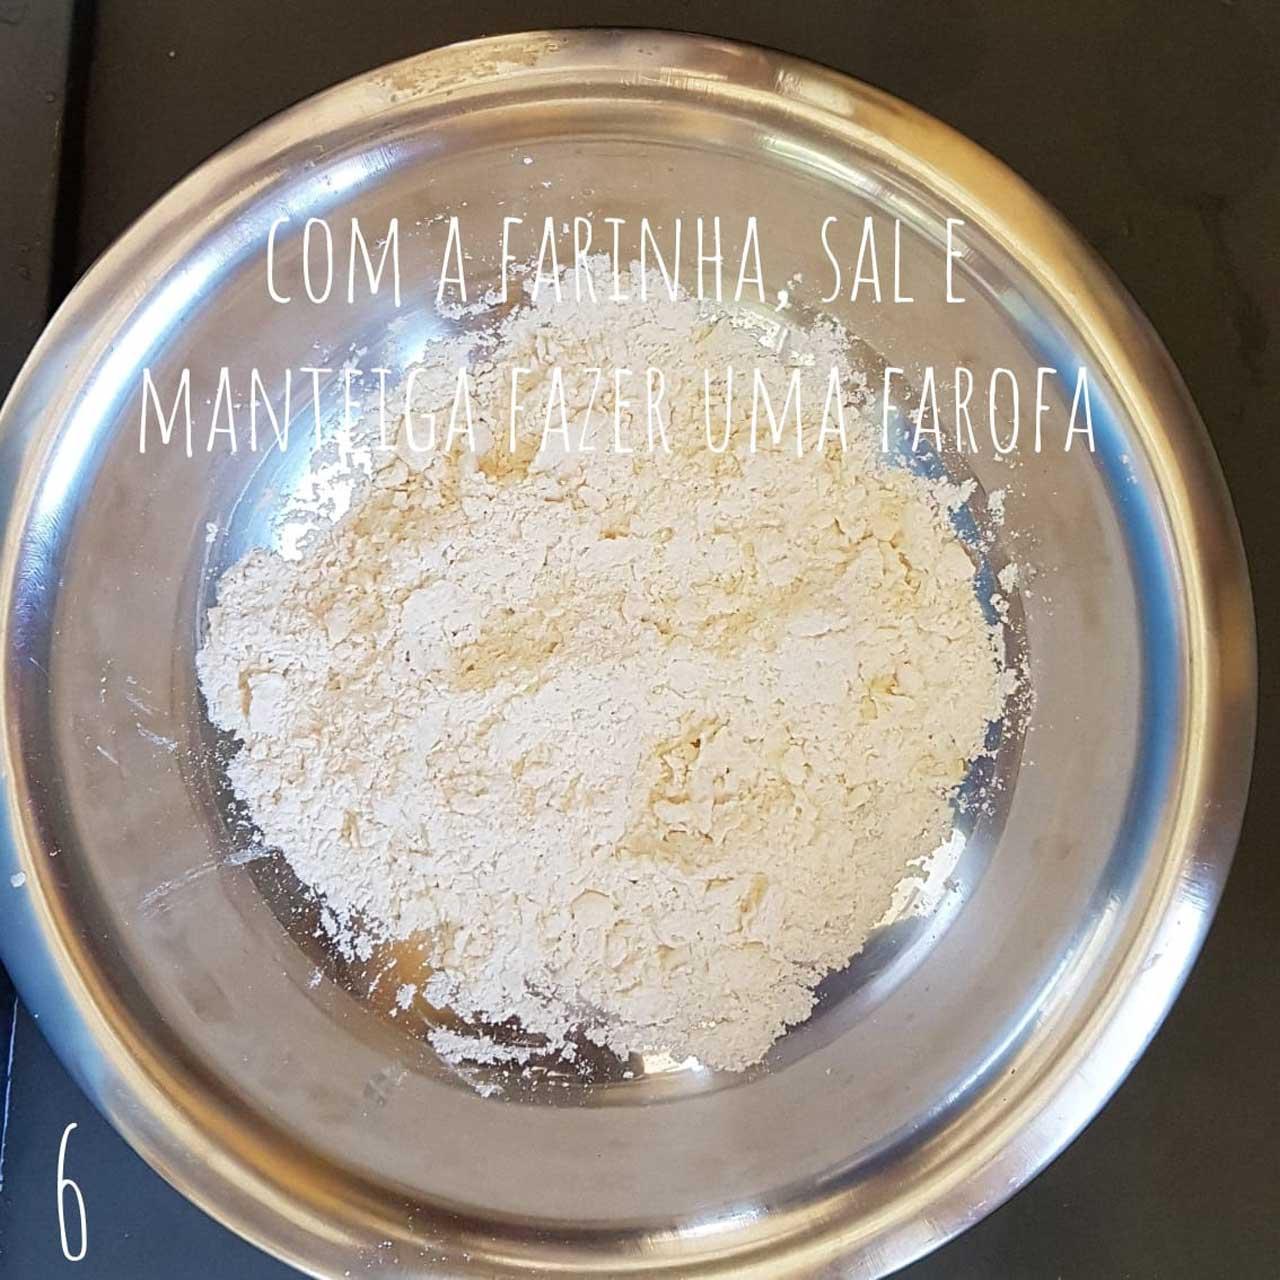 torta-de-banana-com-ameixa-06